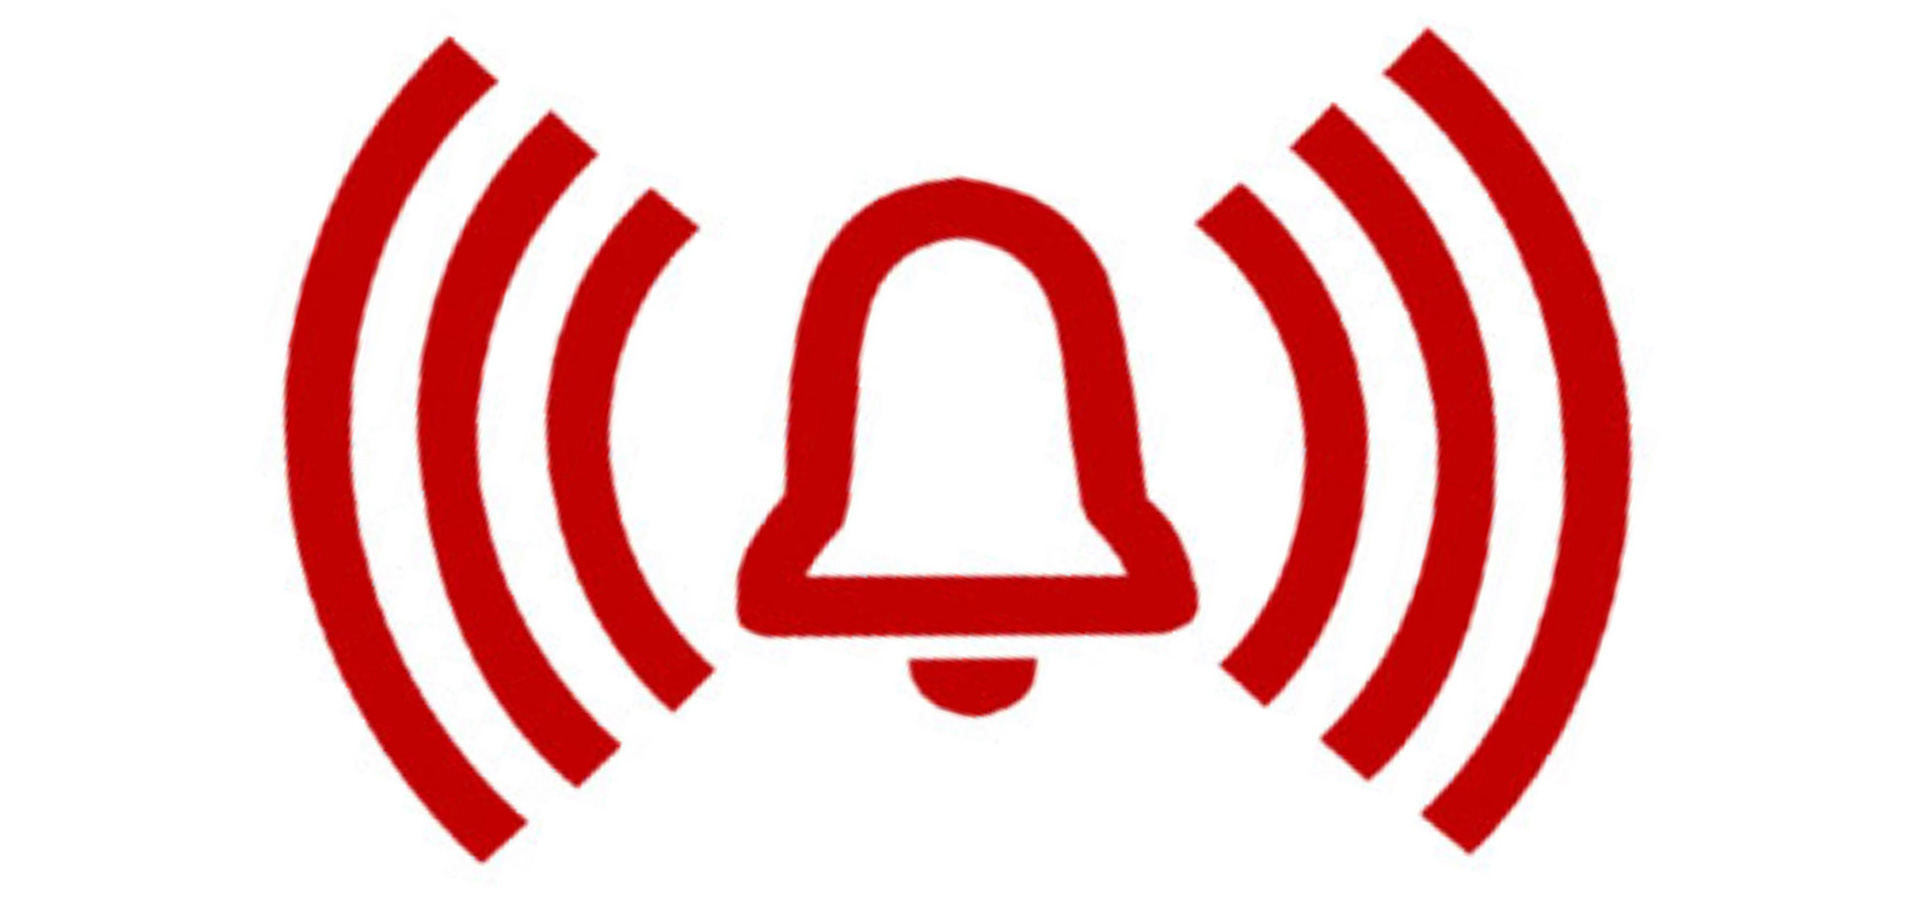 Alarmeringen in de woningen